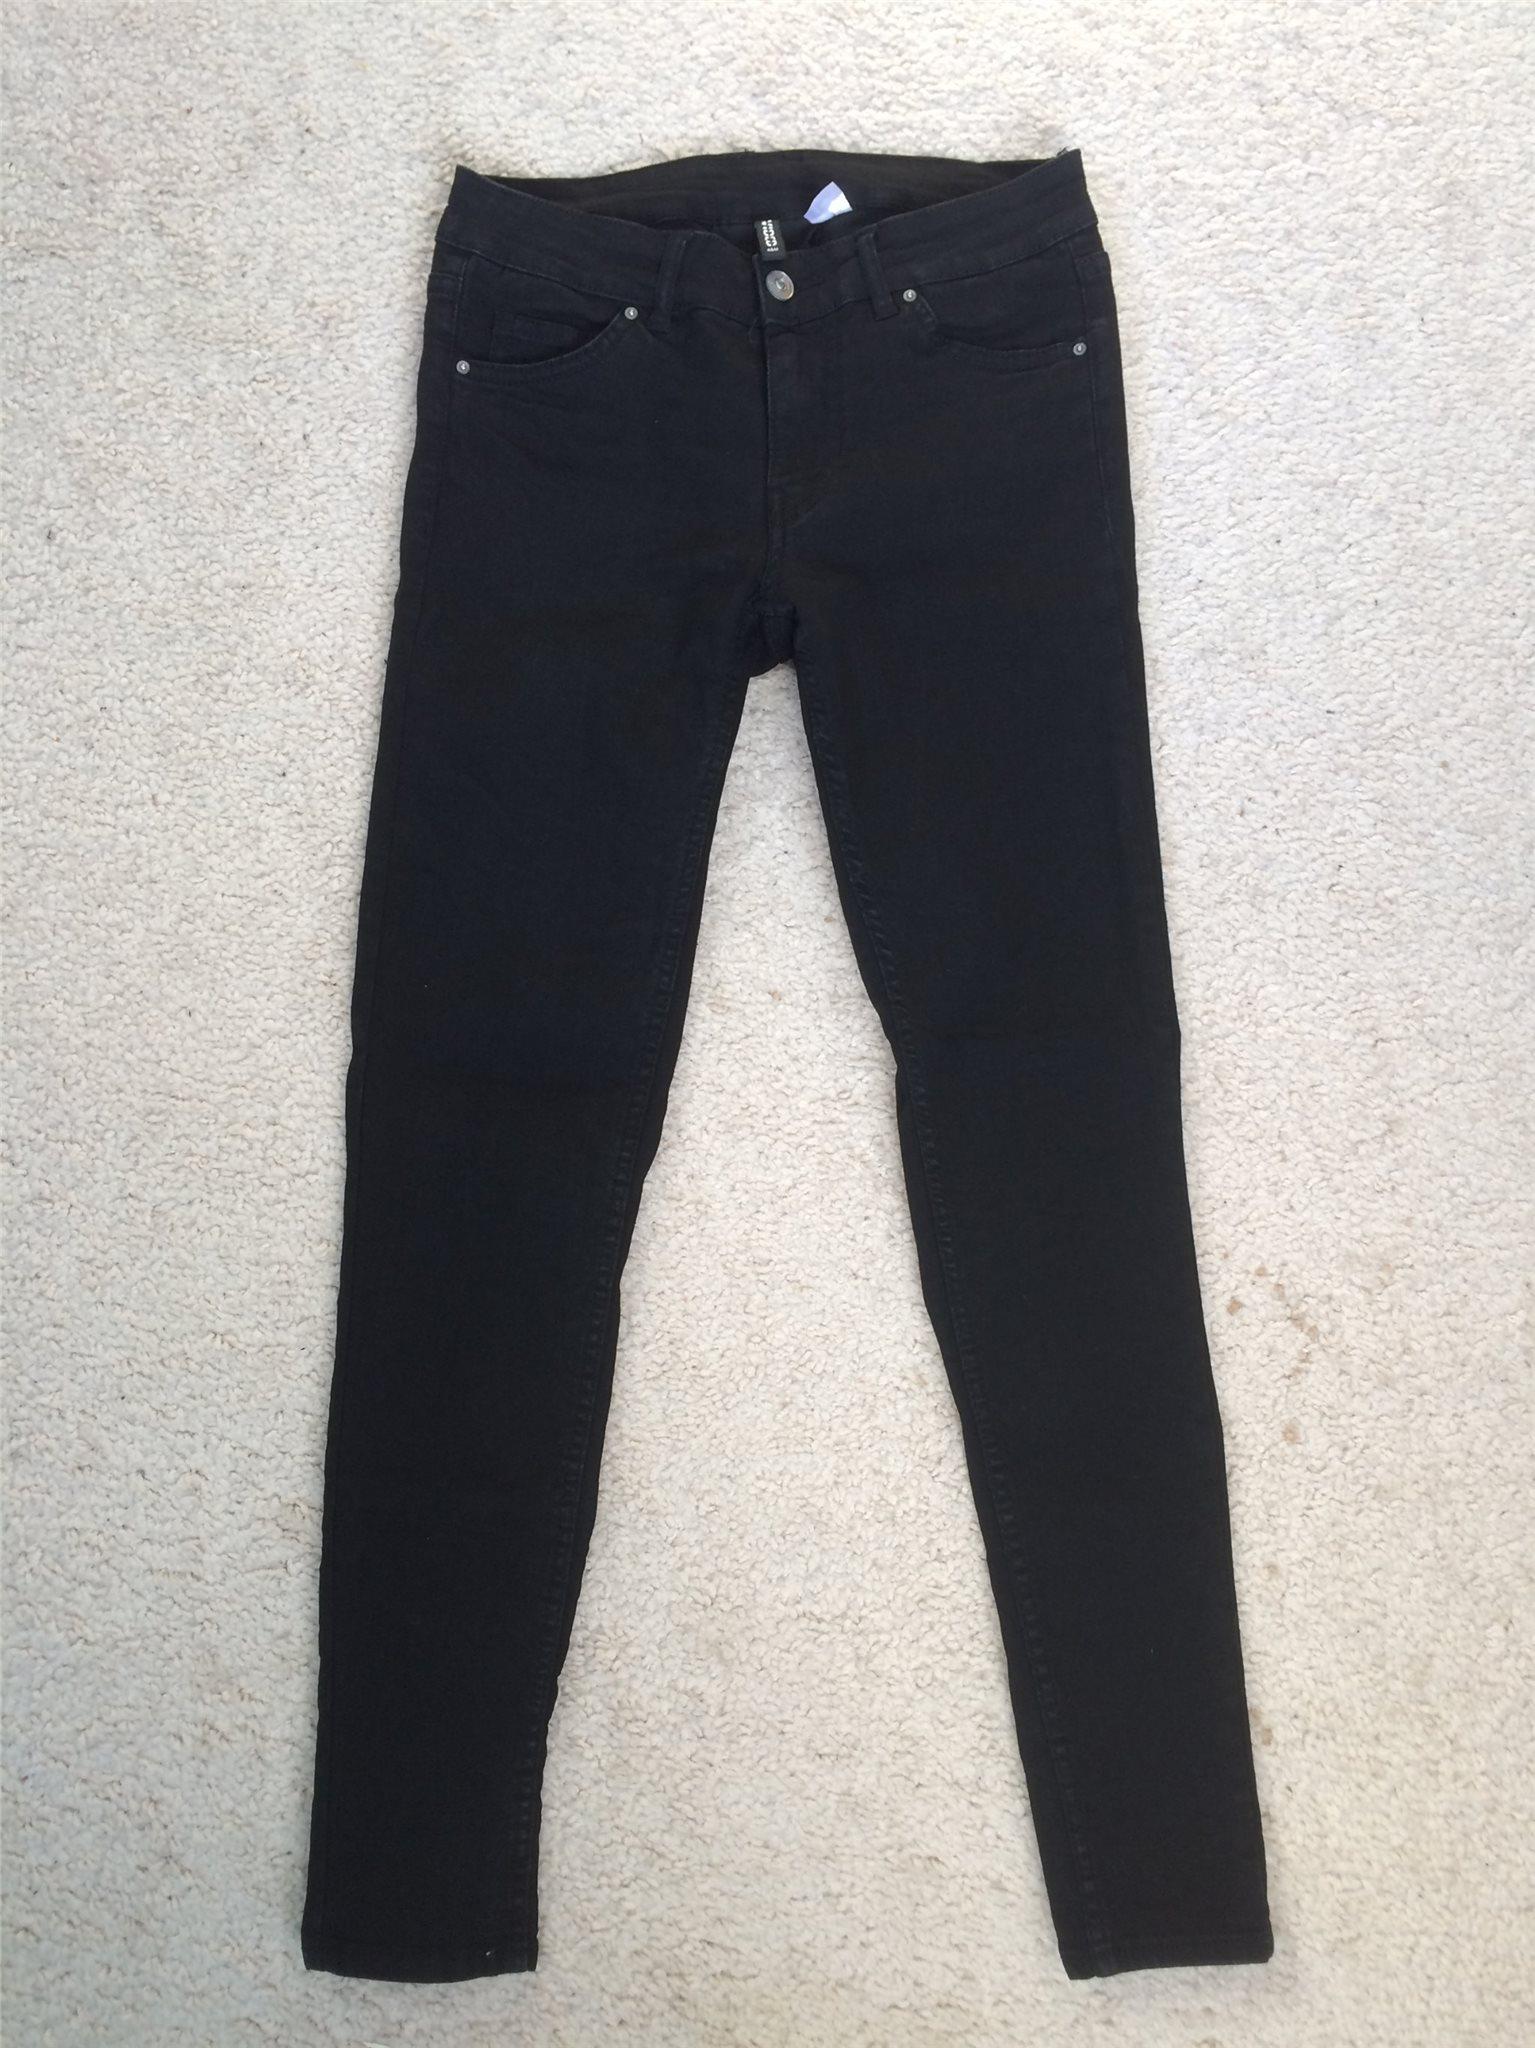 snygga svarta jeans